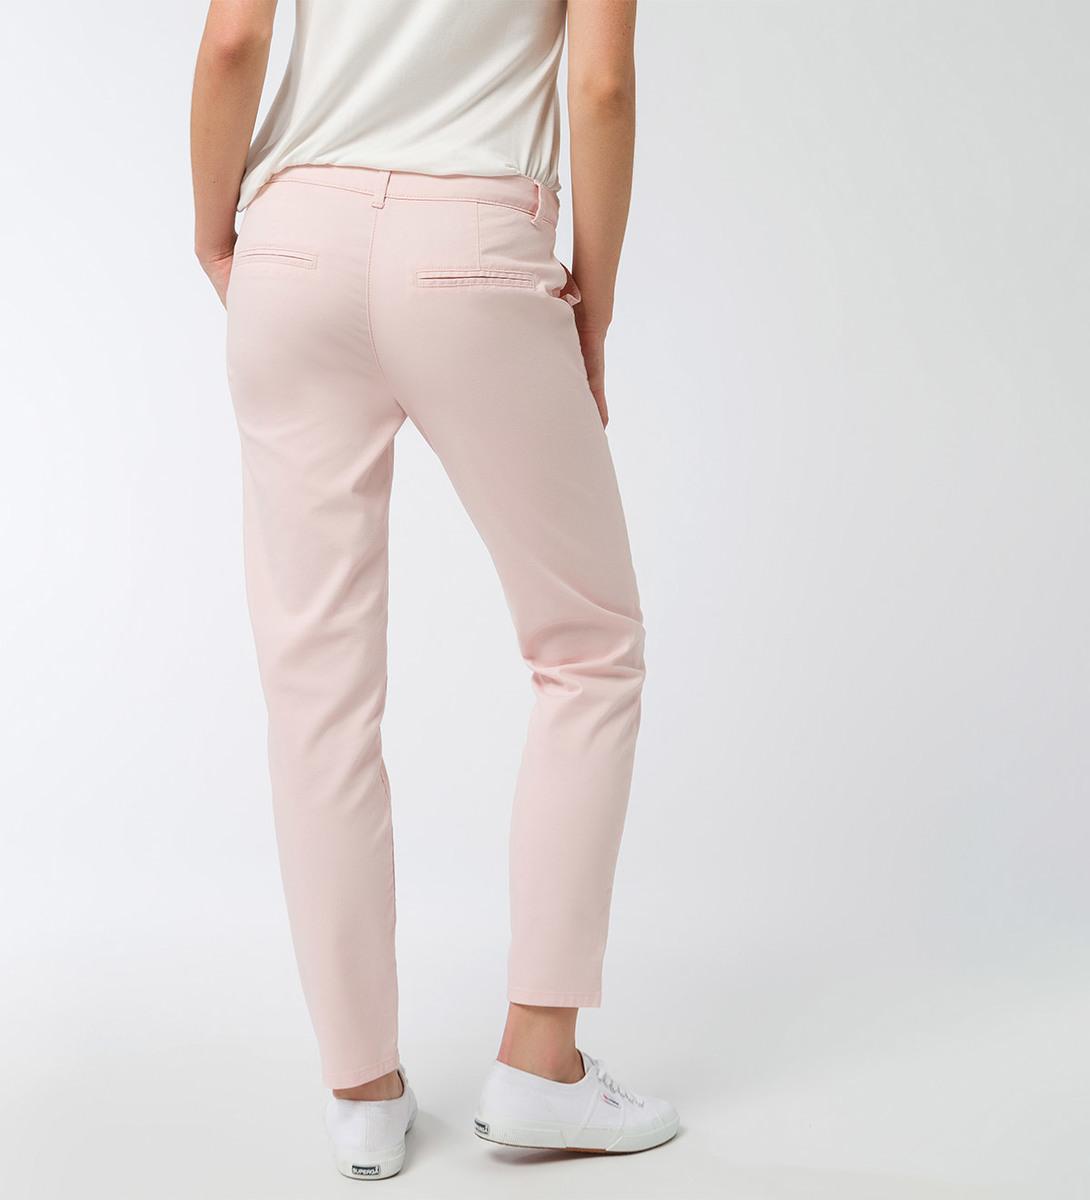 Hose mit dekorativen Gesäßtaschen in soft rose